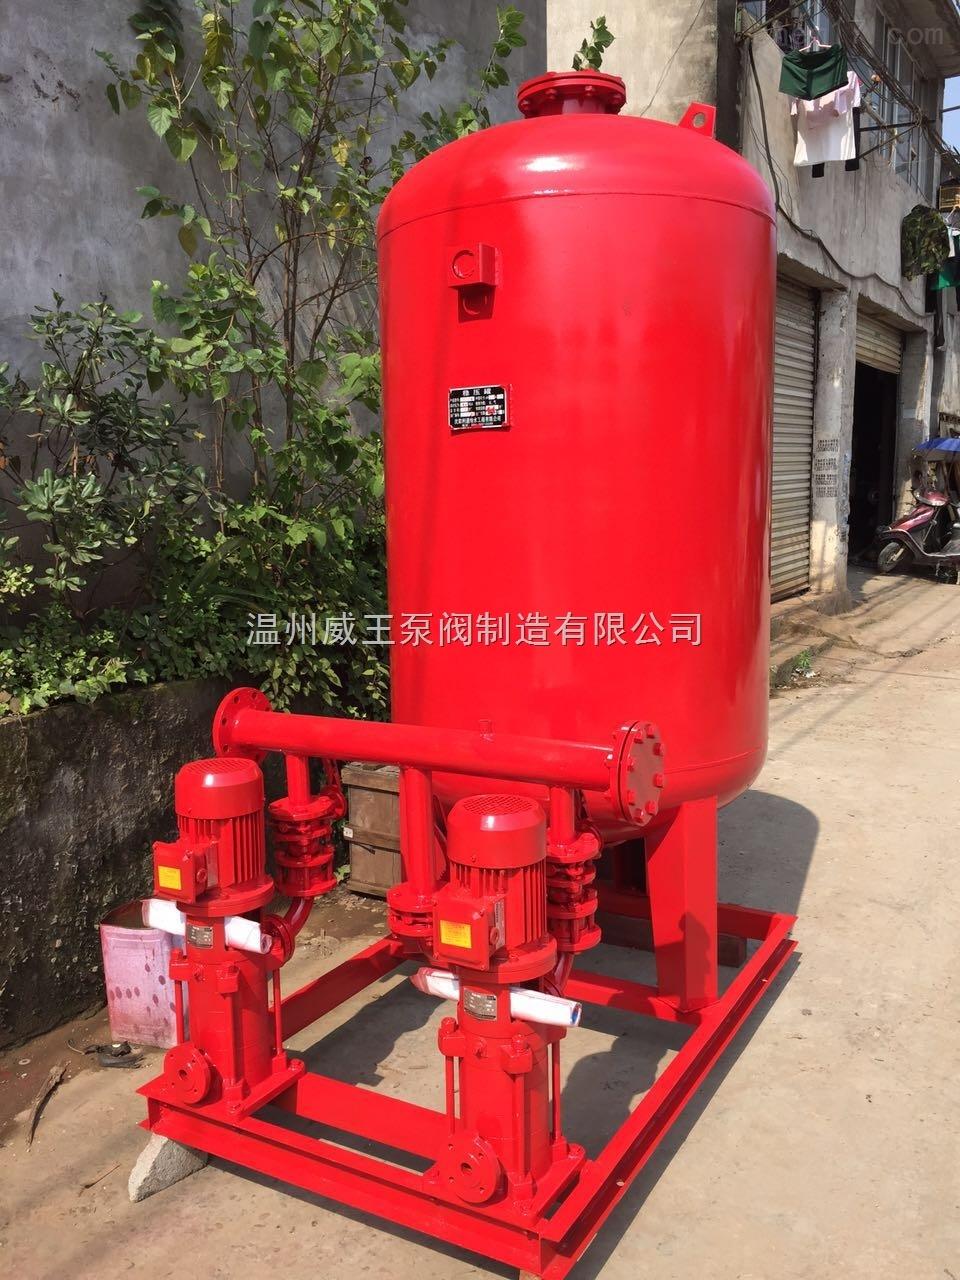 消防供水、消防气压供水设备成套供水设备消防管道泵